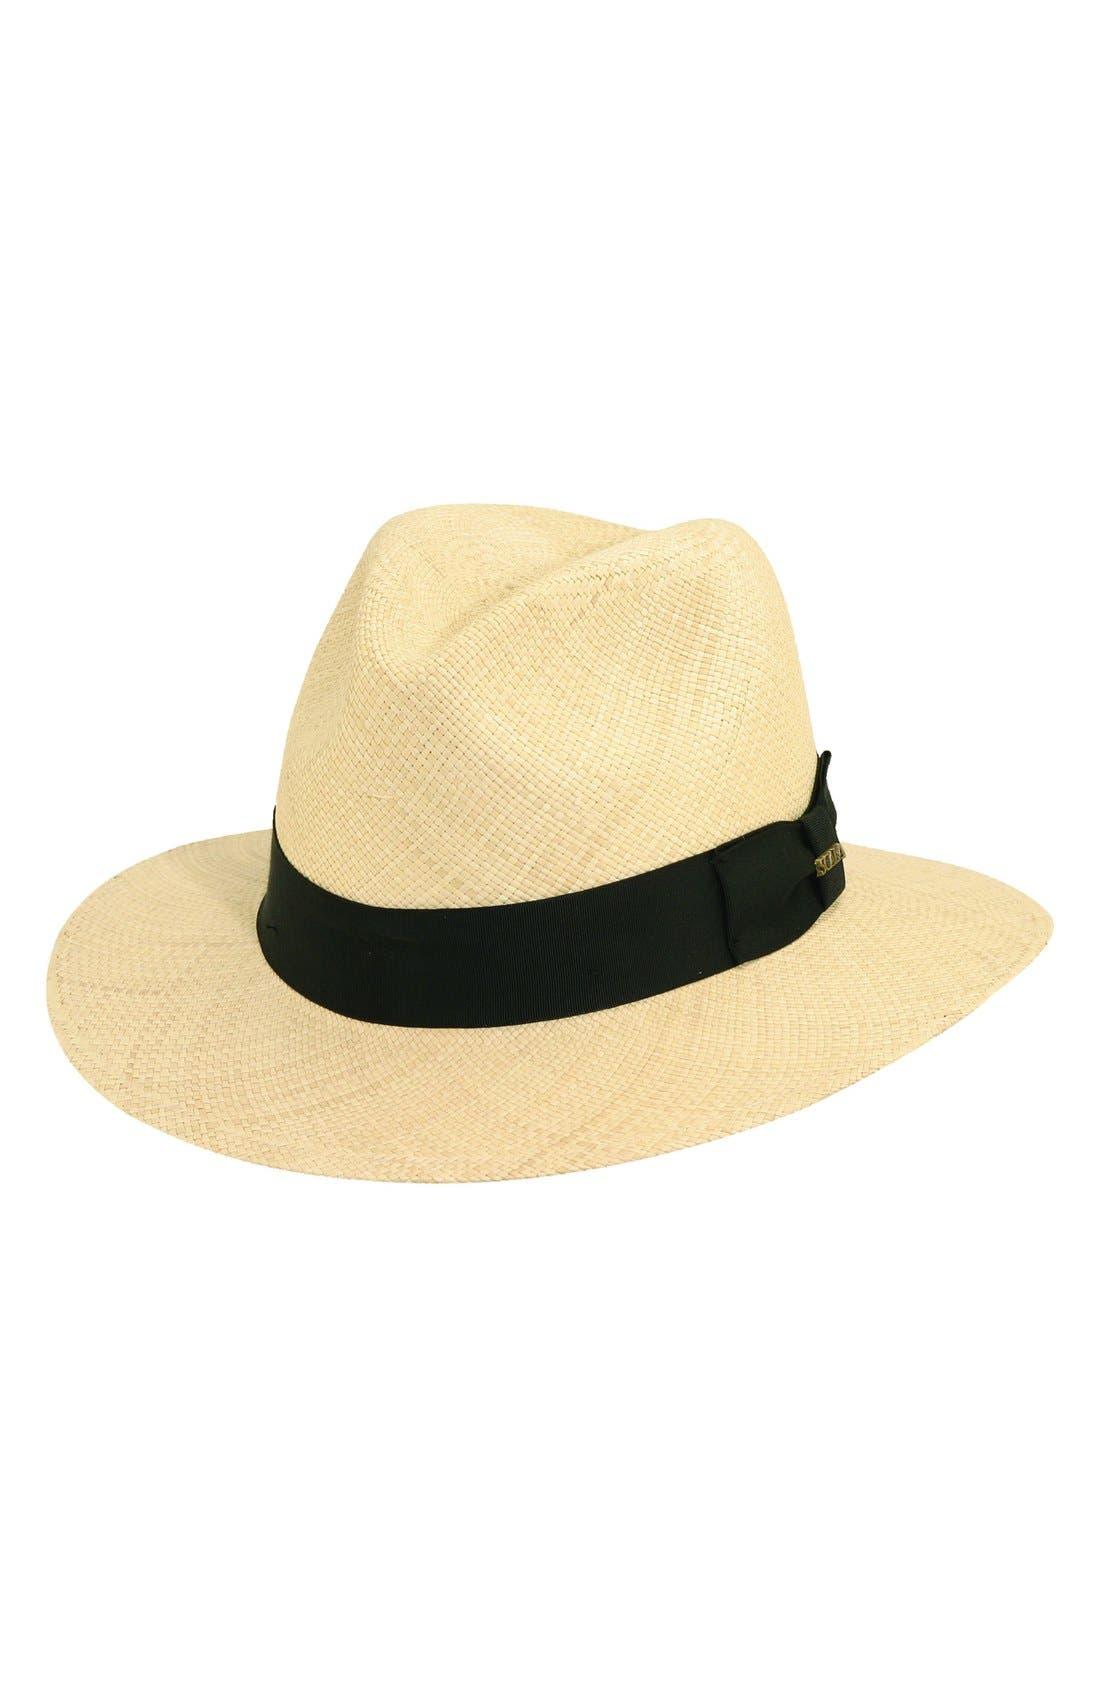 Scala Panama Straw Safari Hat